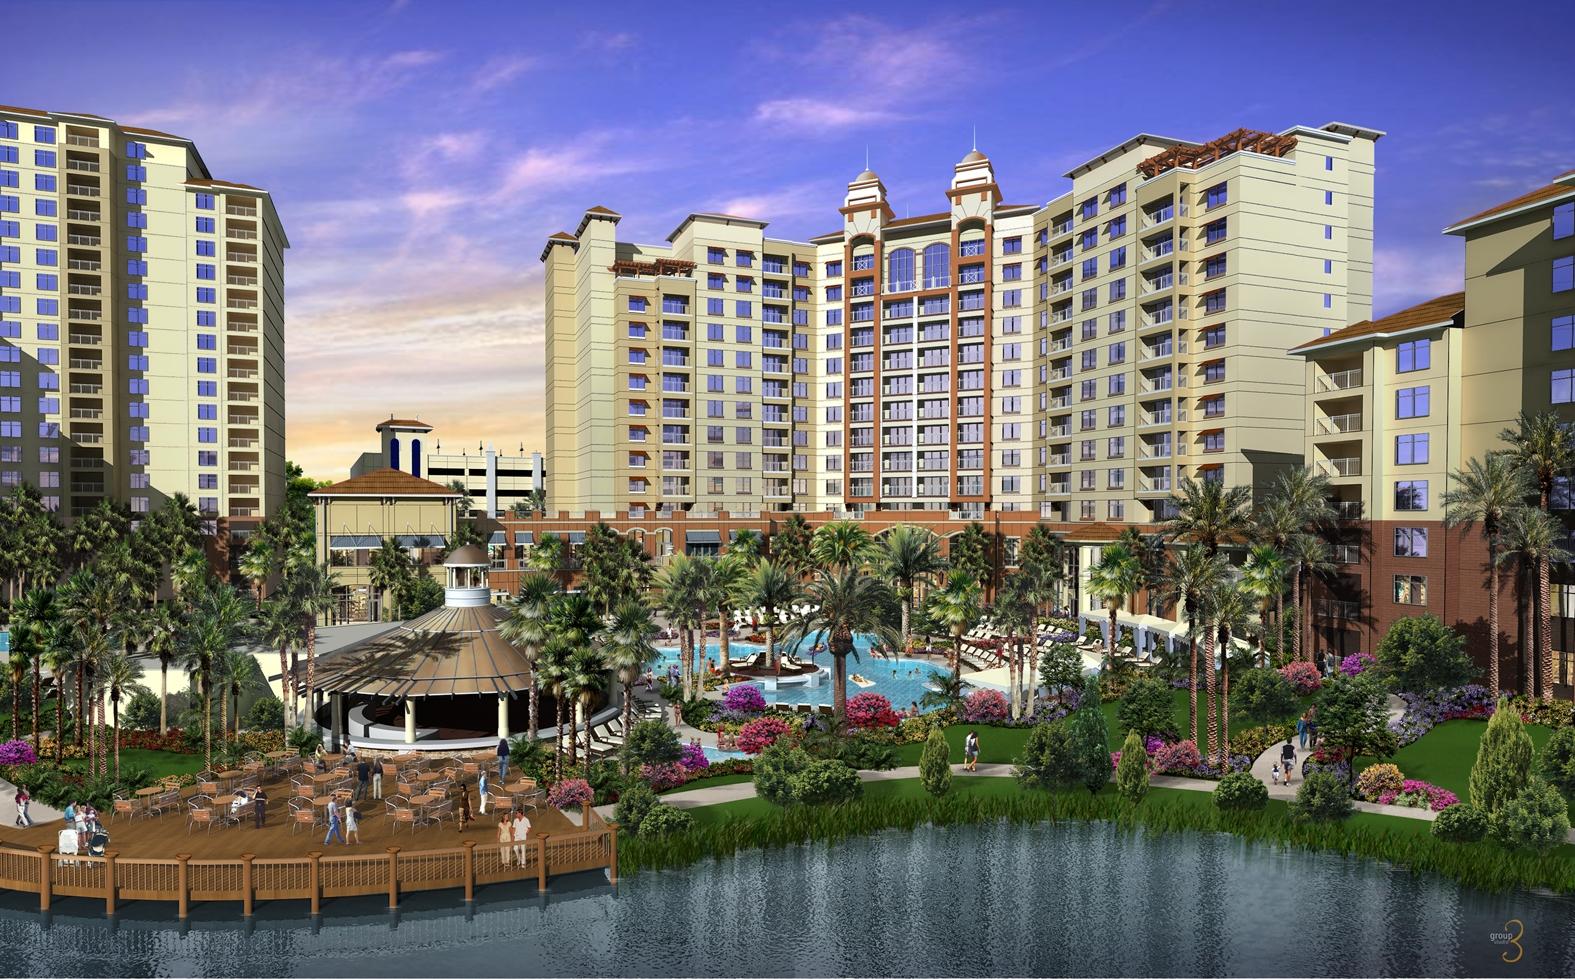 Wyndham Grand Hotel Orlando Florida